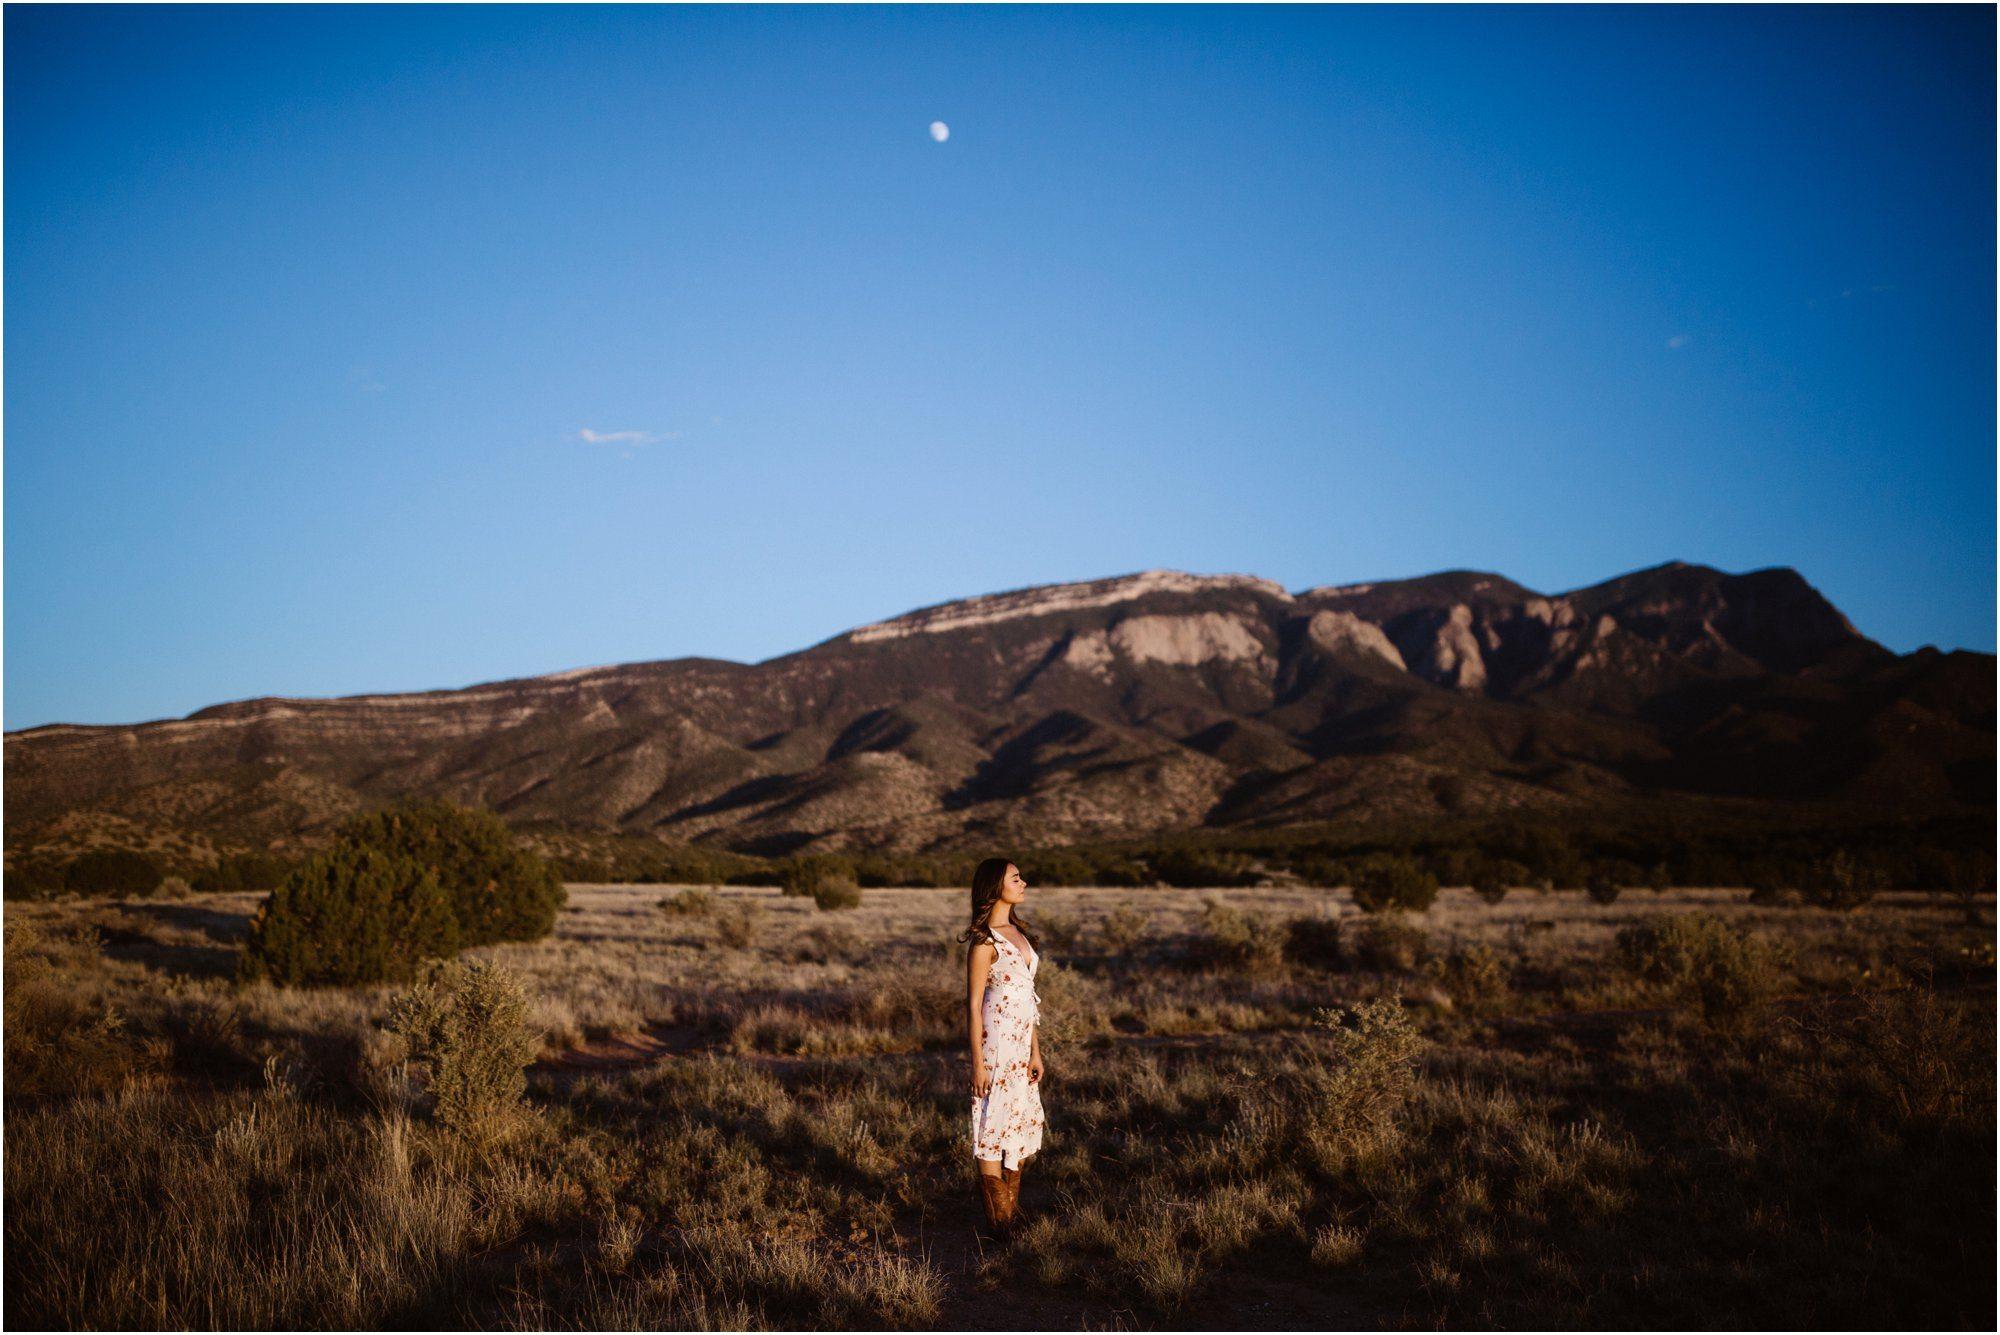 042Blue Rose Photography_ Albuquerque Portrait Photographer_ Fine Art Portraits_ Santa Fe Photographer